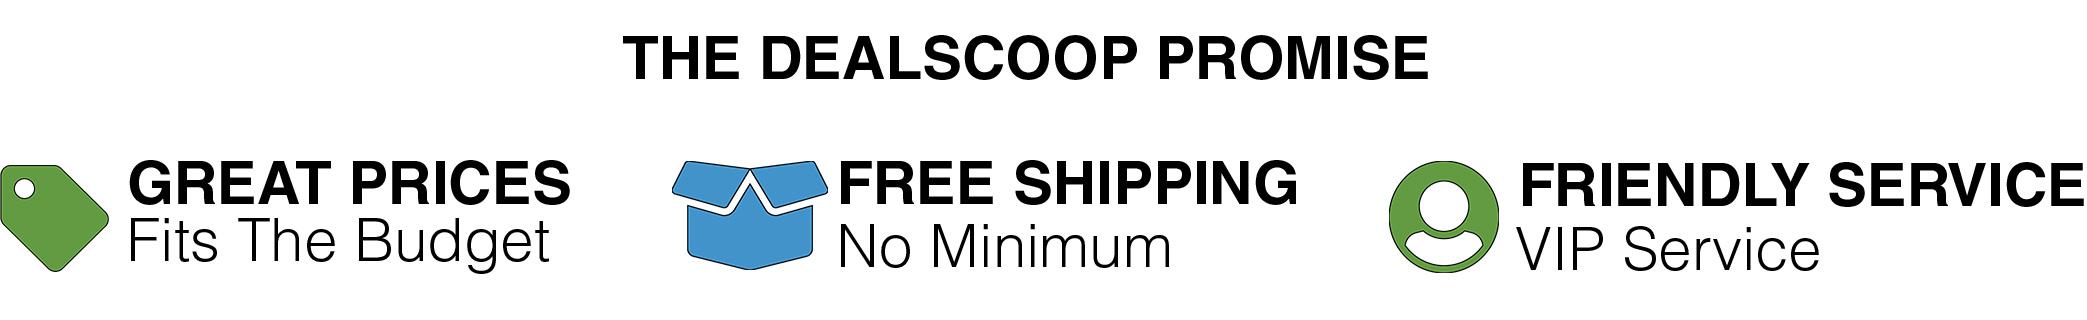 dealscoop-promise.jpg